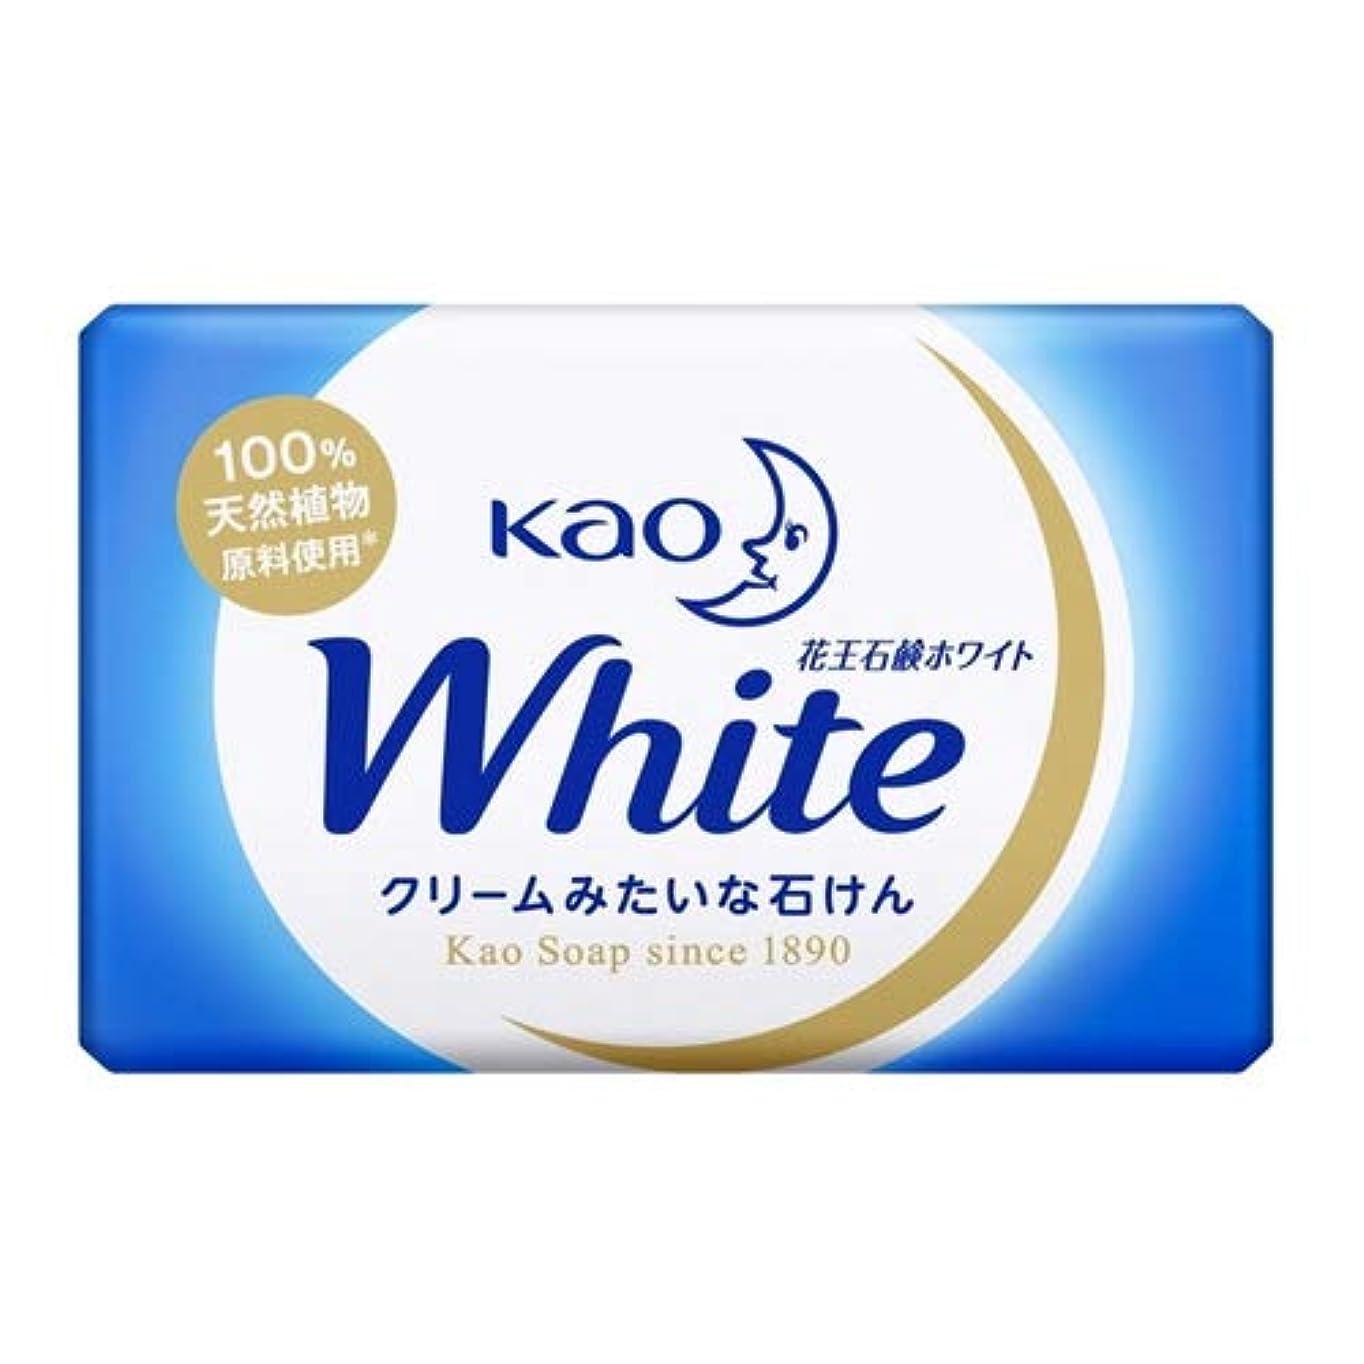 ストロー忌み嫌うディスク花王石鹸ホワイト 業務用ミニサイズ 15g × 10個セット